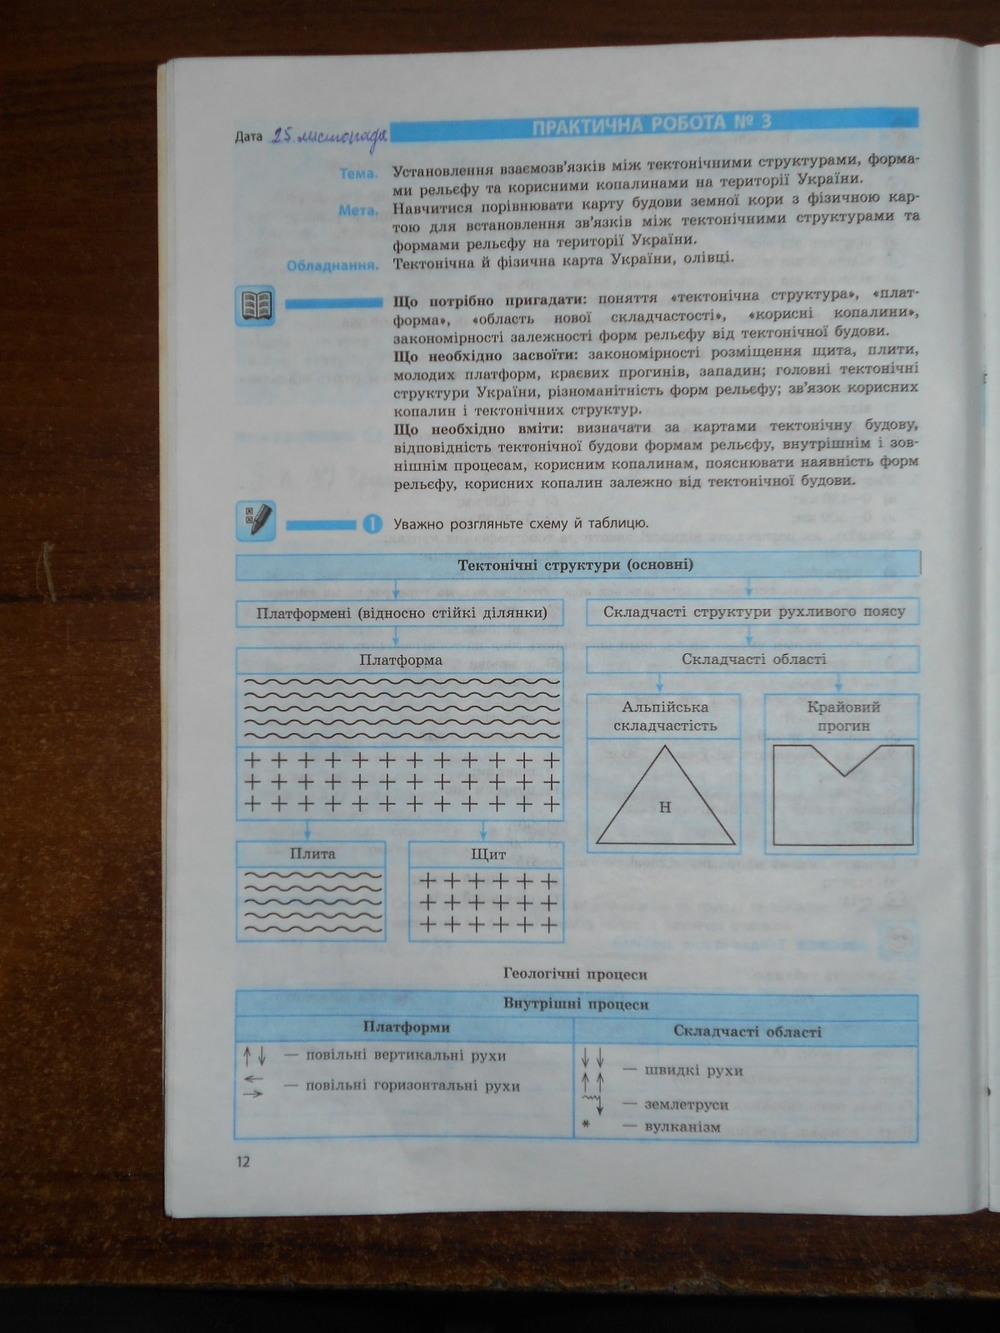 ГДЗ відповіді робочий зошит по географии 8 класс Т.Г. Гільберг, В.М. Проценко. Задание: стр. 12